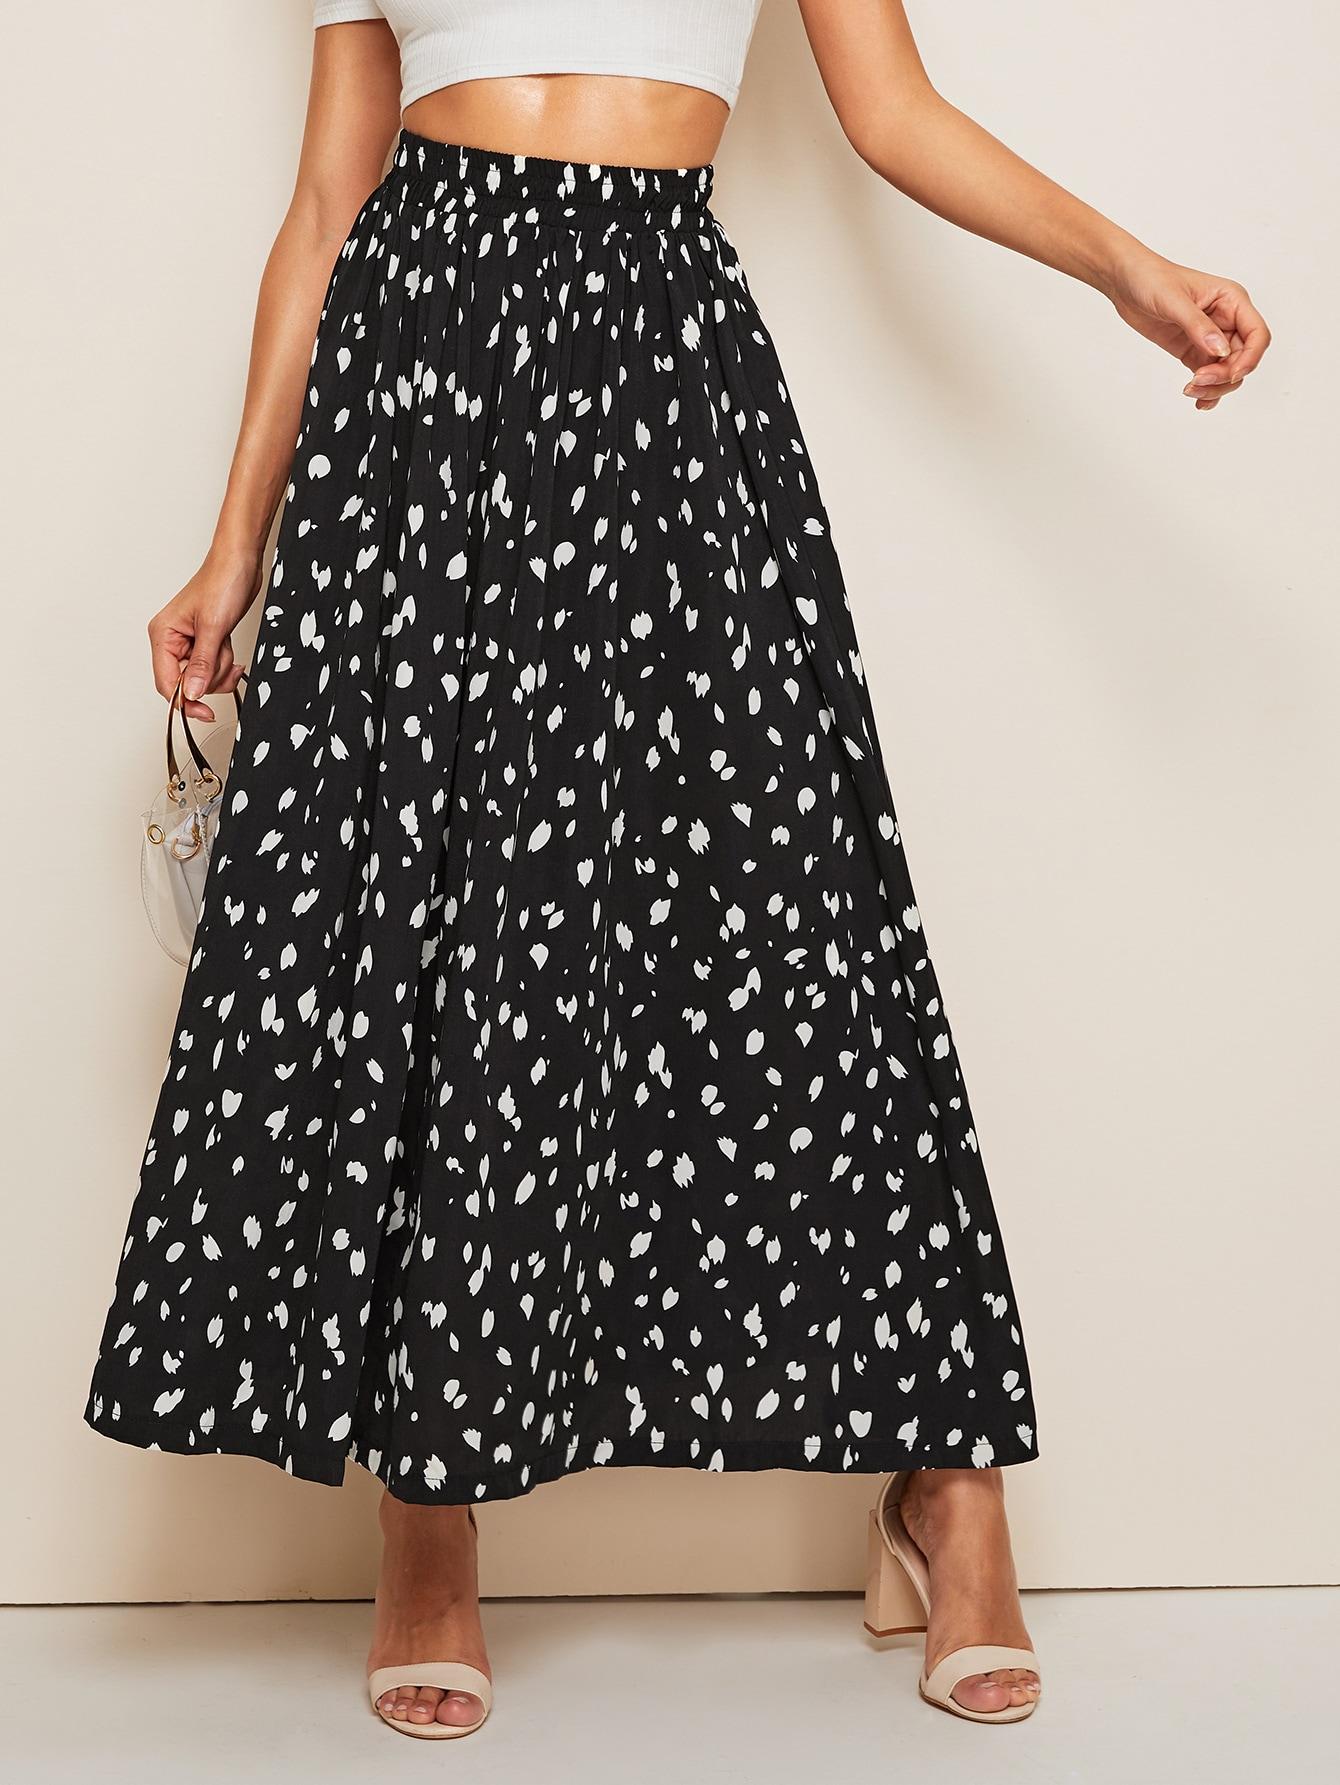 Фото - Расклешенная юбка с эластичной талией и принтом от SheIn цвет чёрнобелые